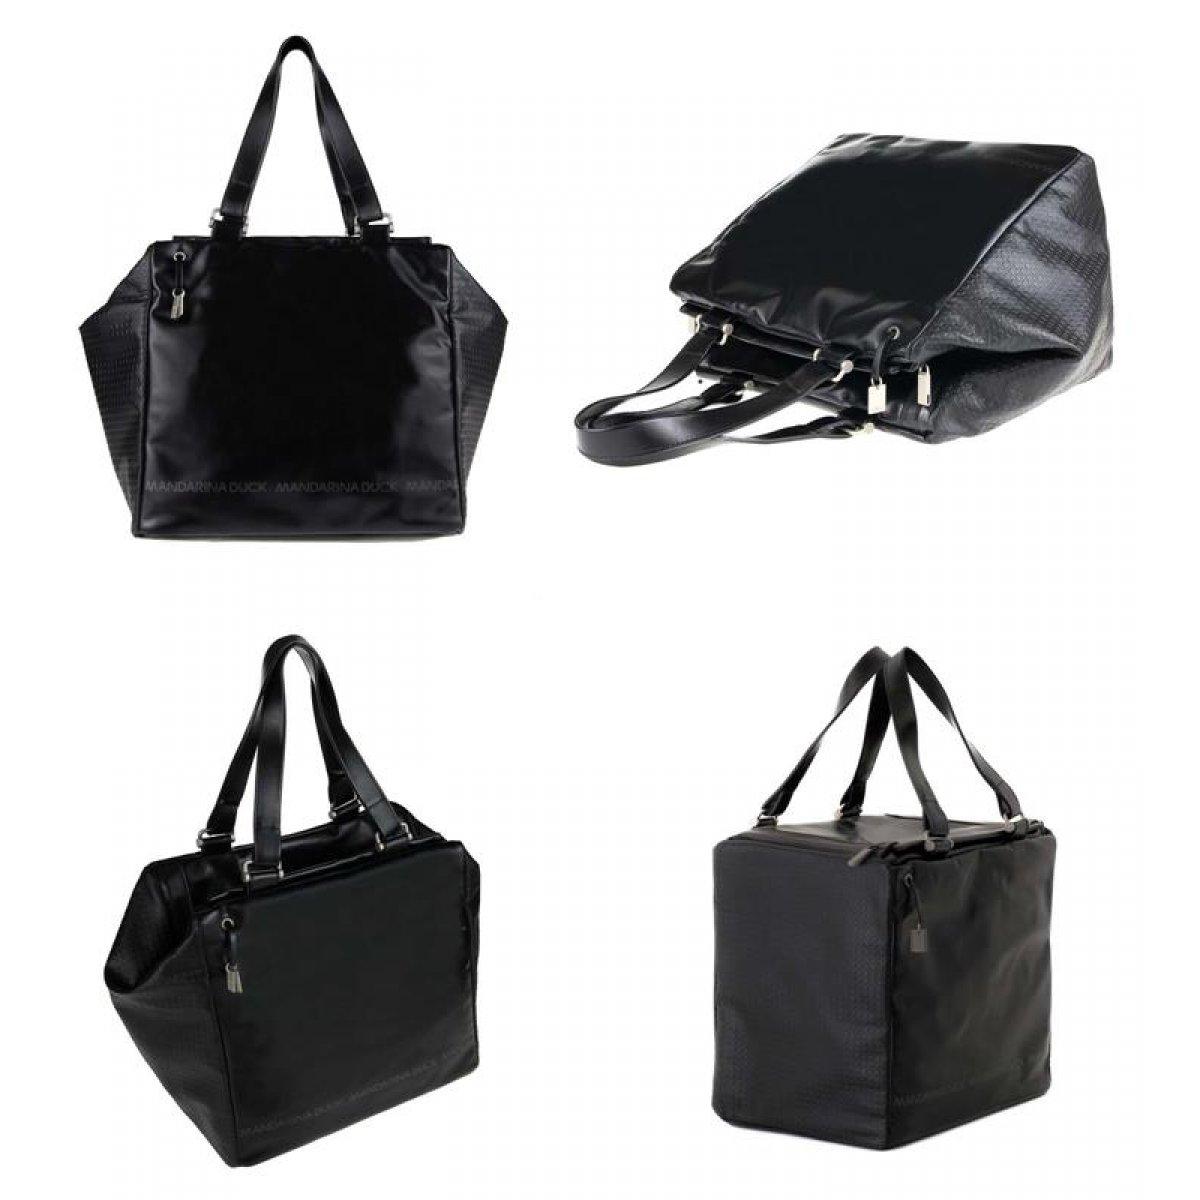 mandarina duck desire pelle pferdeleder koffer handtasche. Black Bedroom Furniture Sets. Home Design Ideas